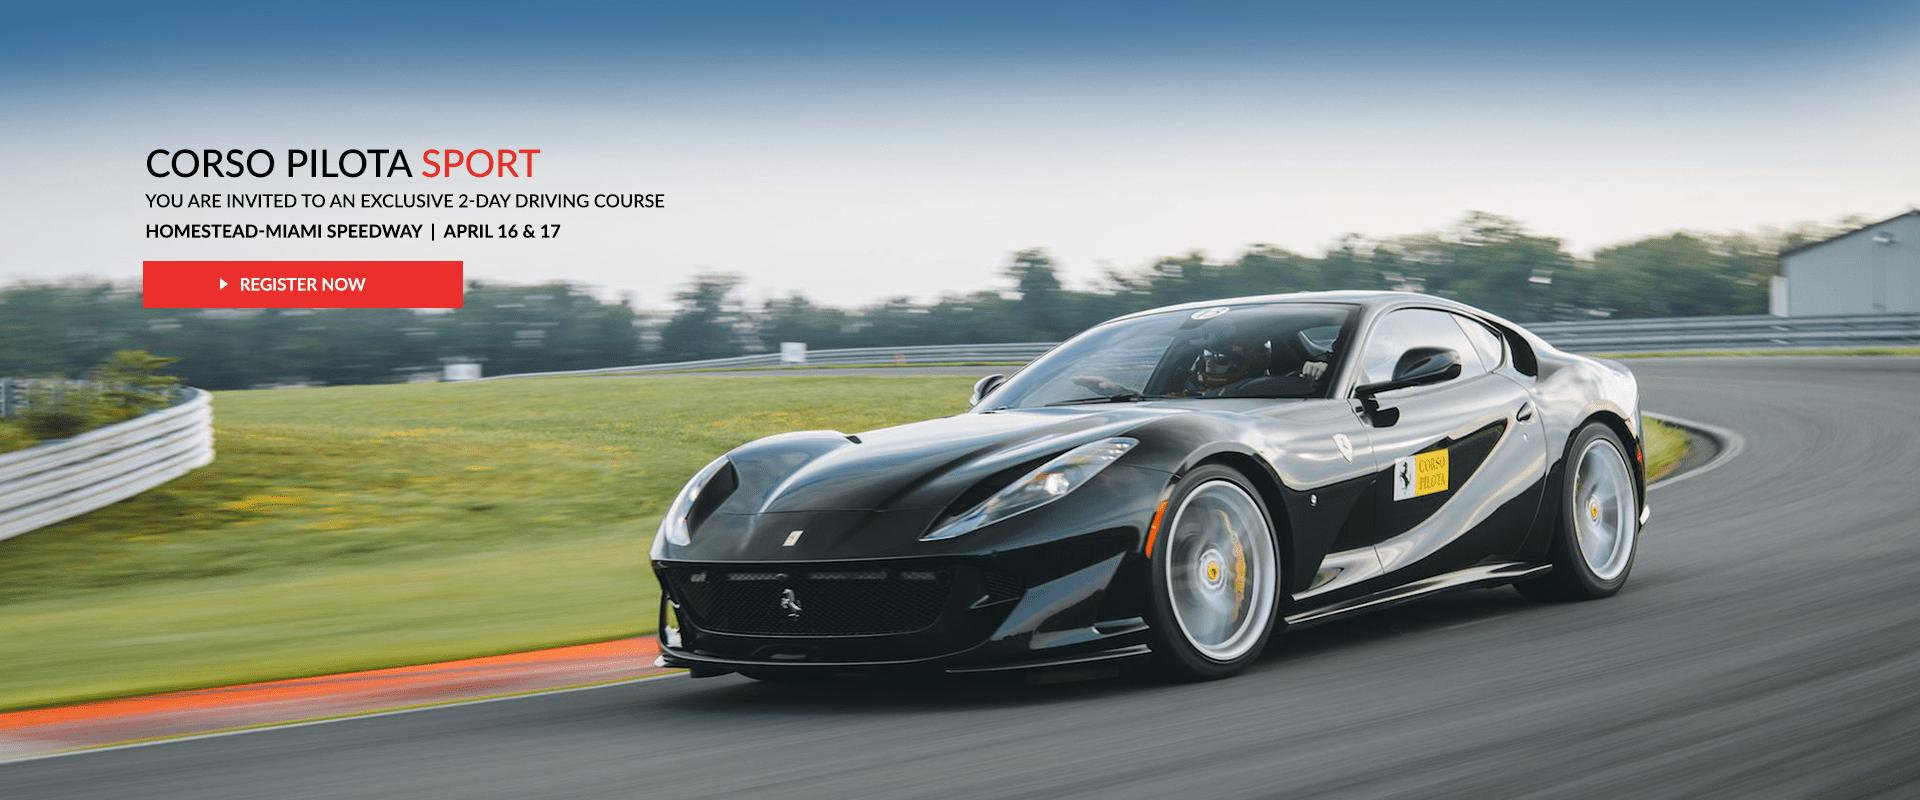 81 Best Review New Ferrari Challenge 2019 Calendar Price Spy Shoot with New Ferrari Challenge 2019 Calendar Price